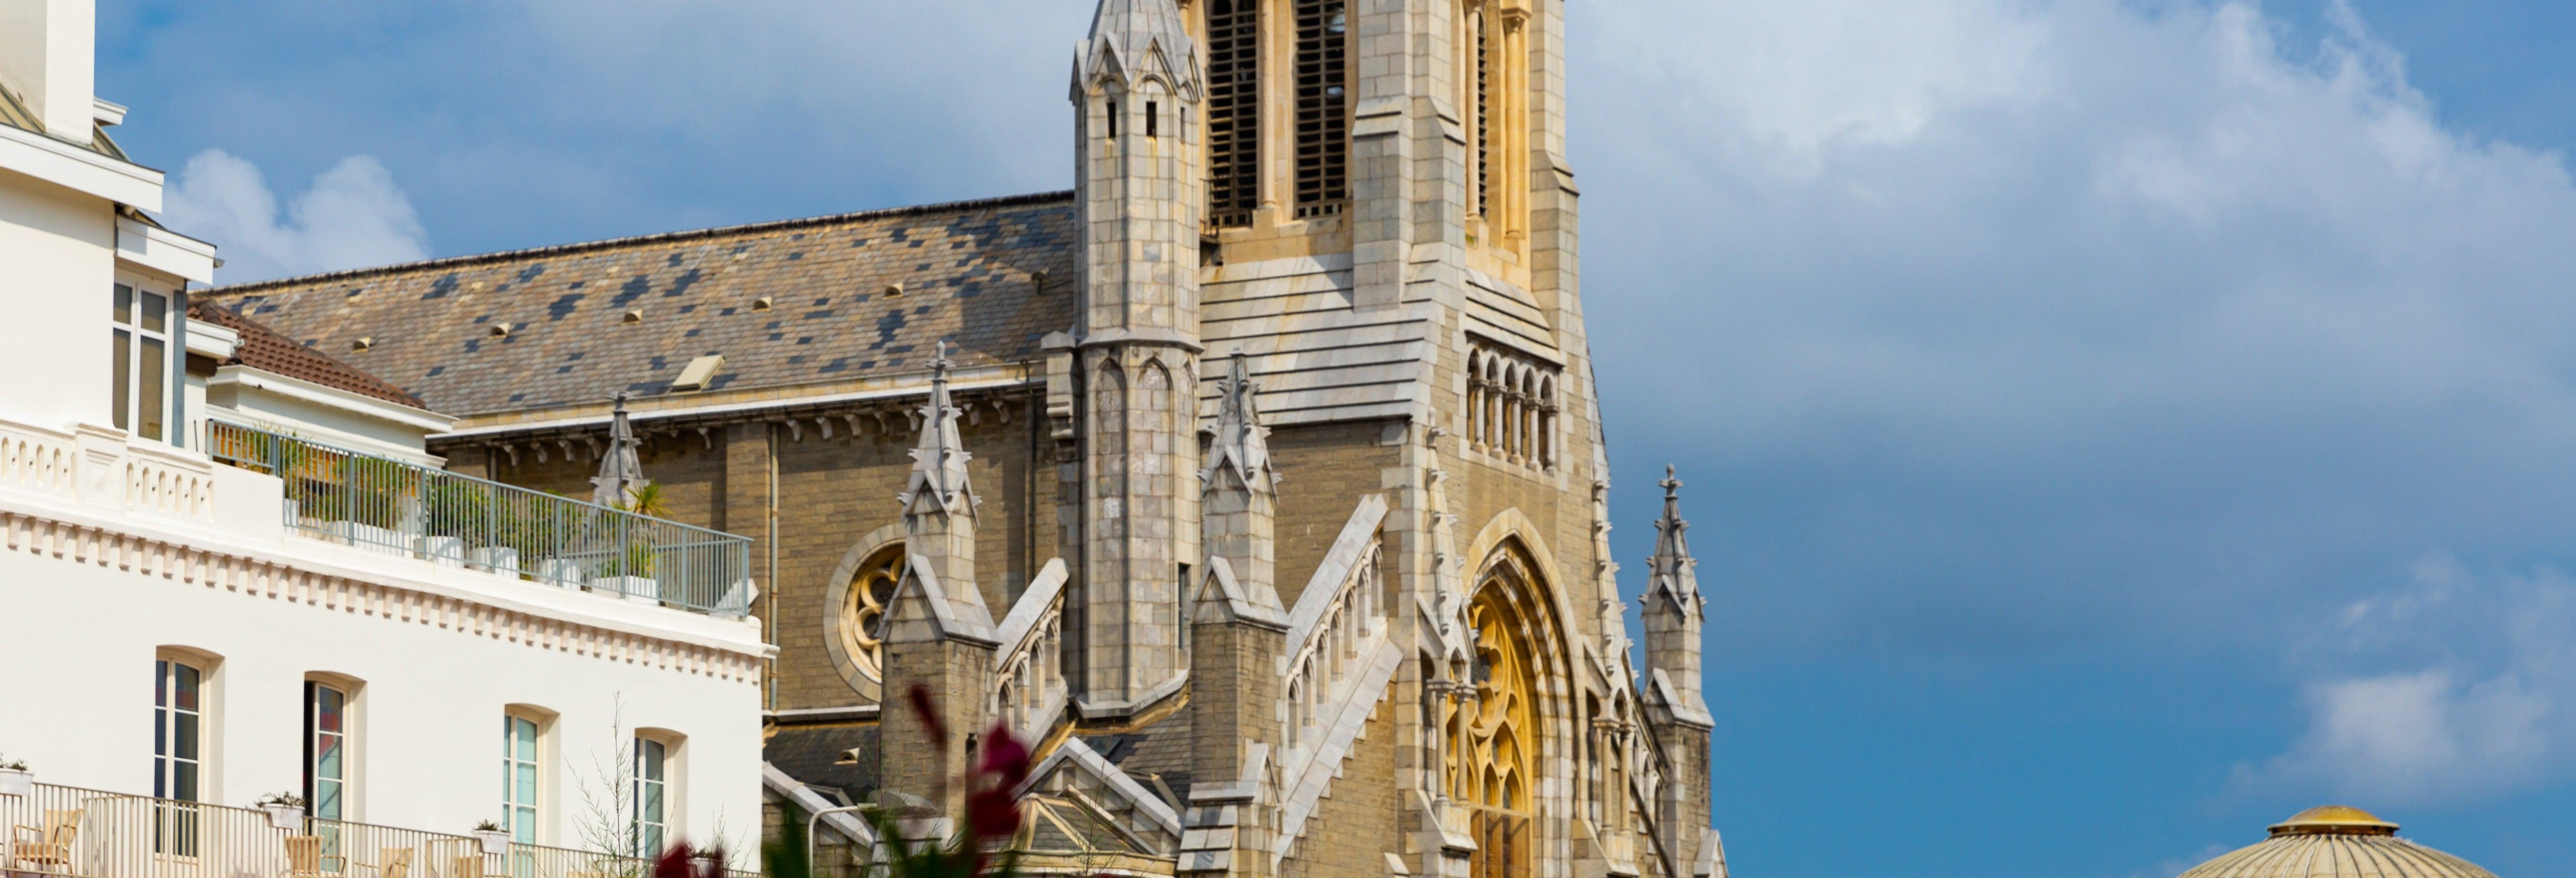 Visite guidée dans Biarritz